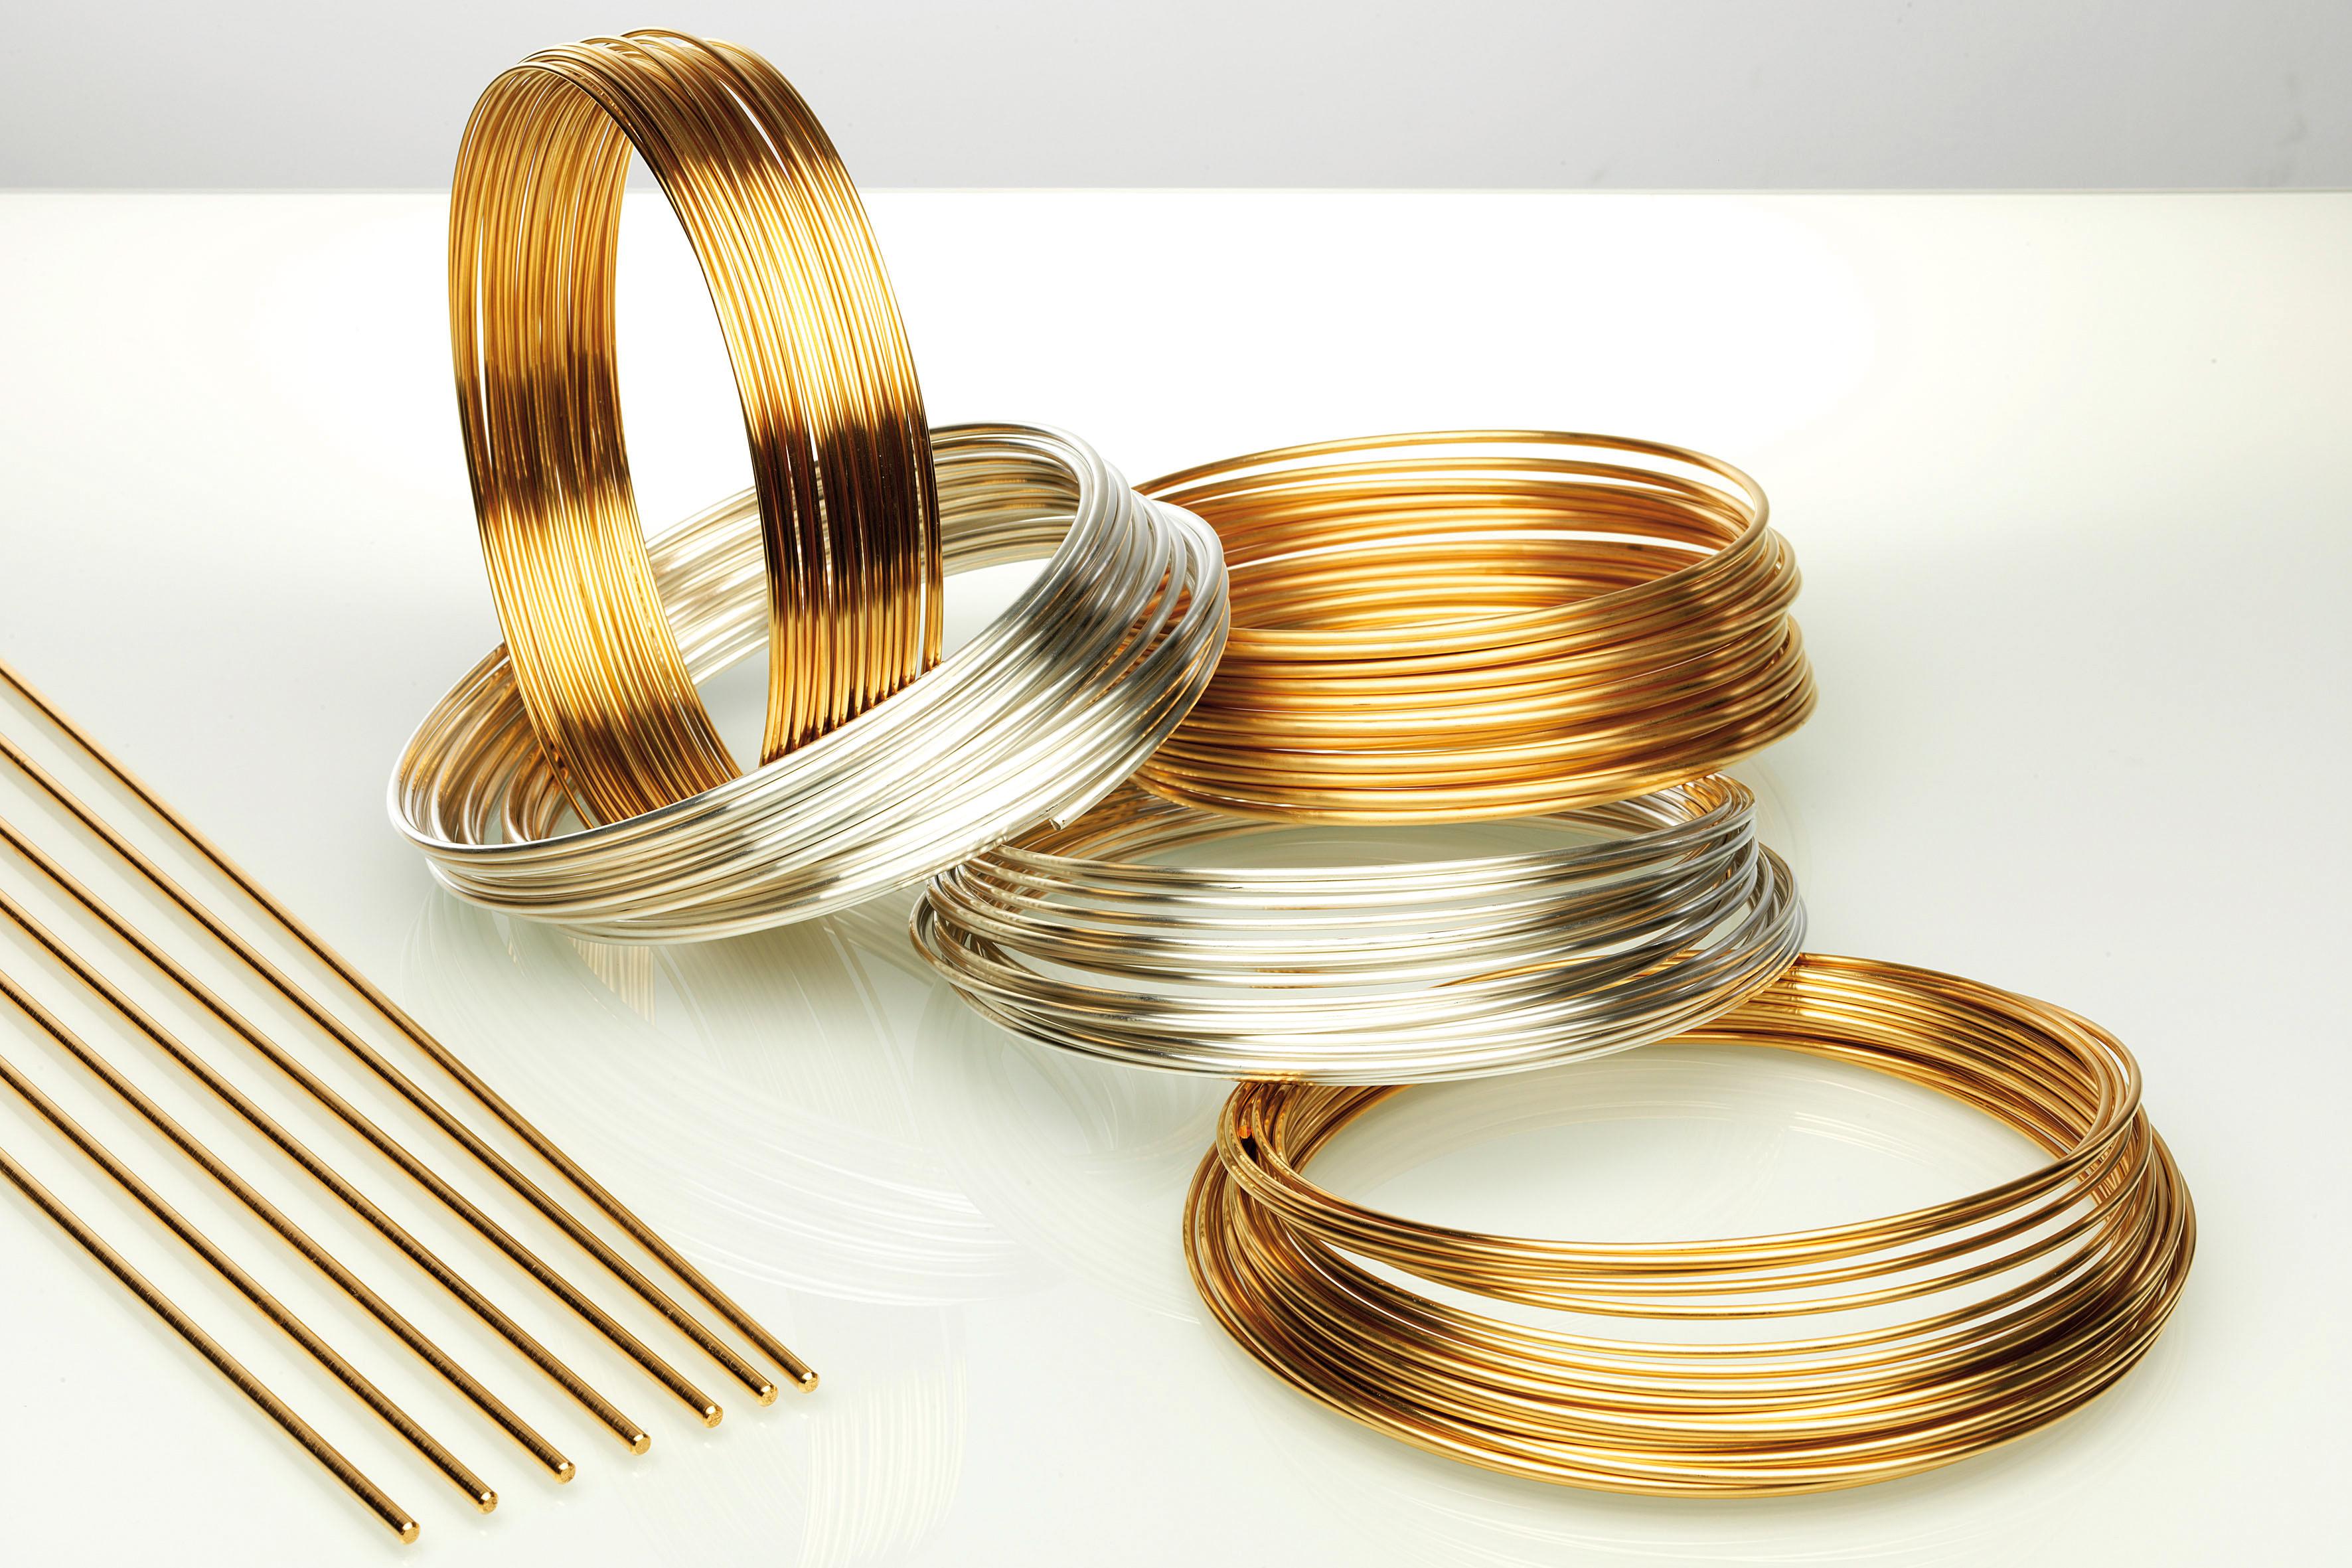 Draehte aus Gold und Silber